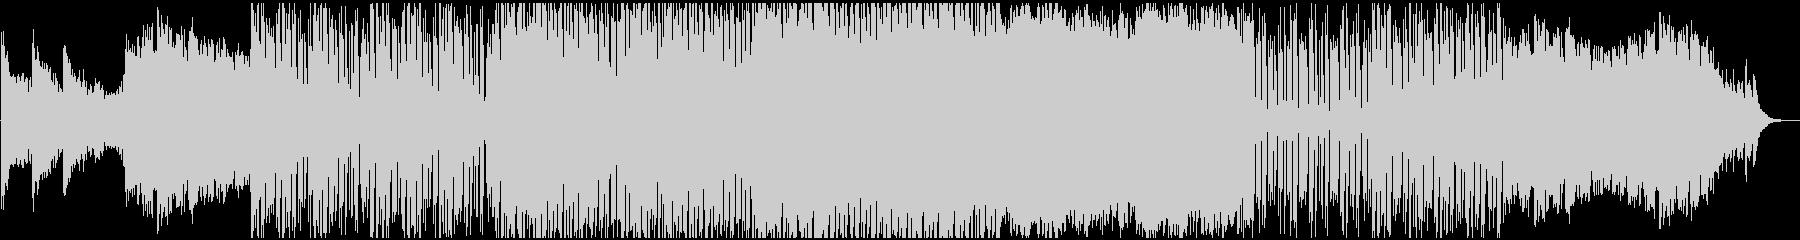 壮大でクールな空間的ドラムンベースBGMの未再生の波形